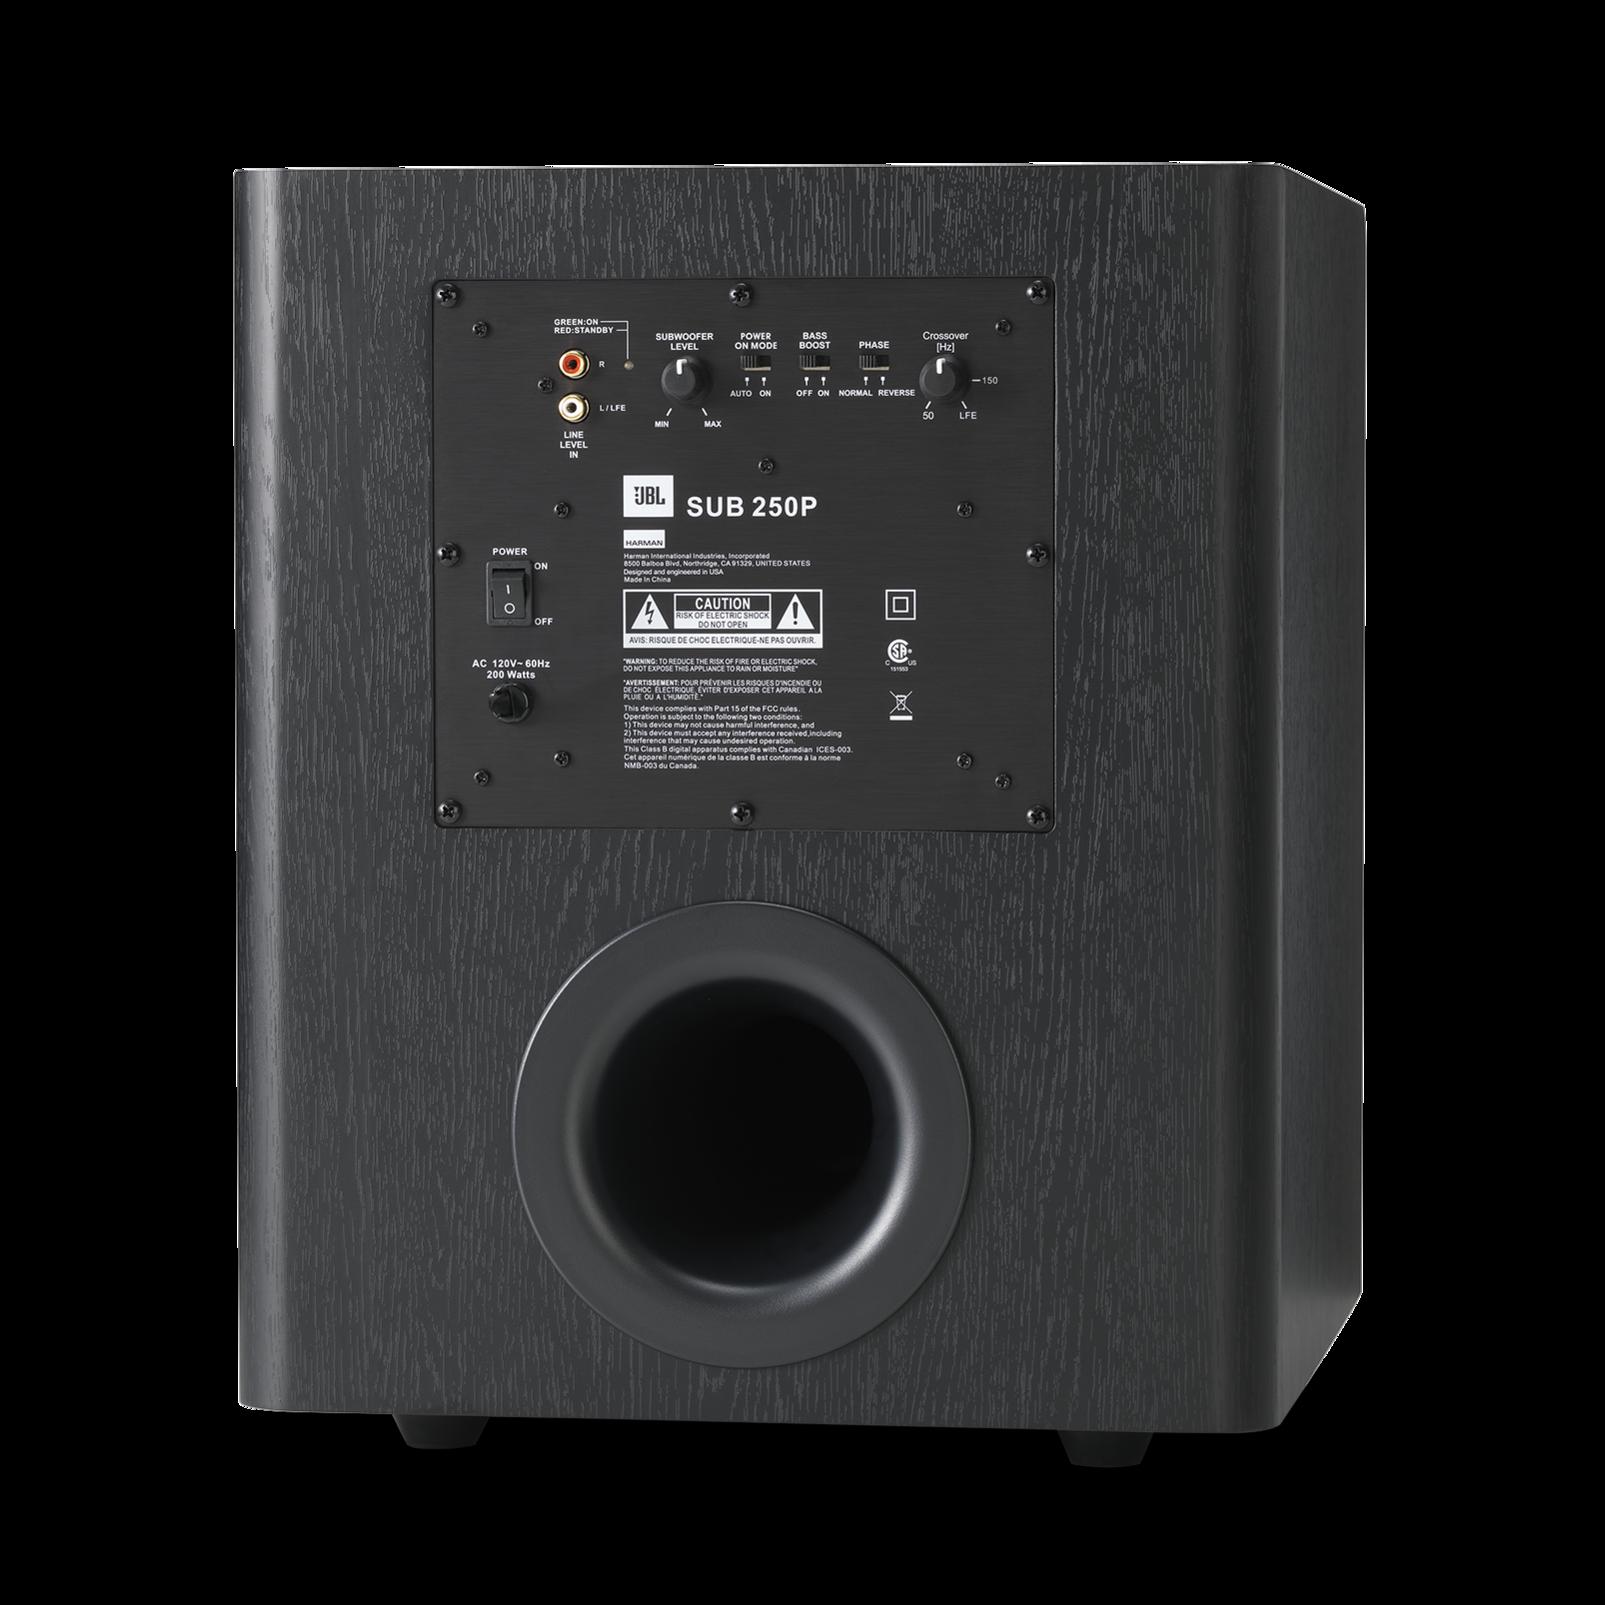 Studio 250p Powerful 200 Watt 10 Inch Powered Subwoofer How To Build Speaker Box Audio Amp Sub